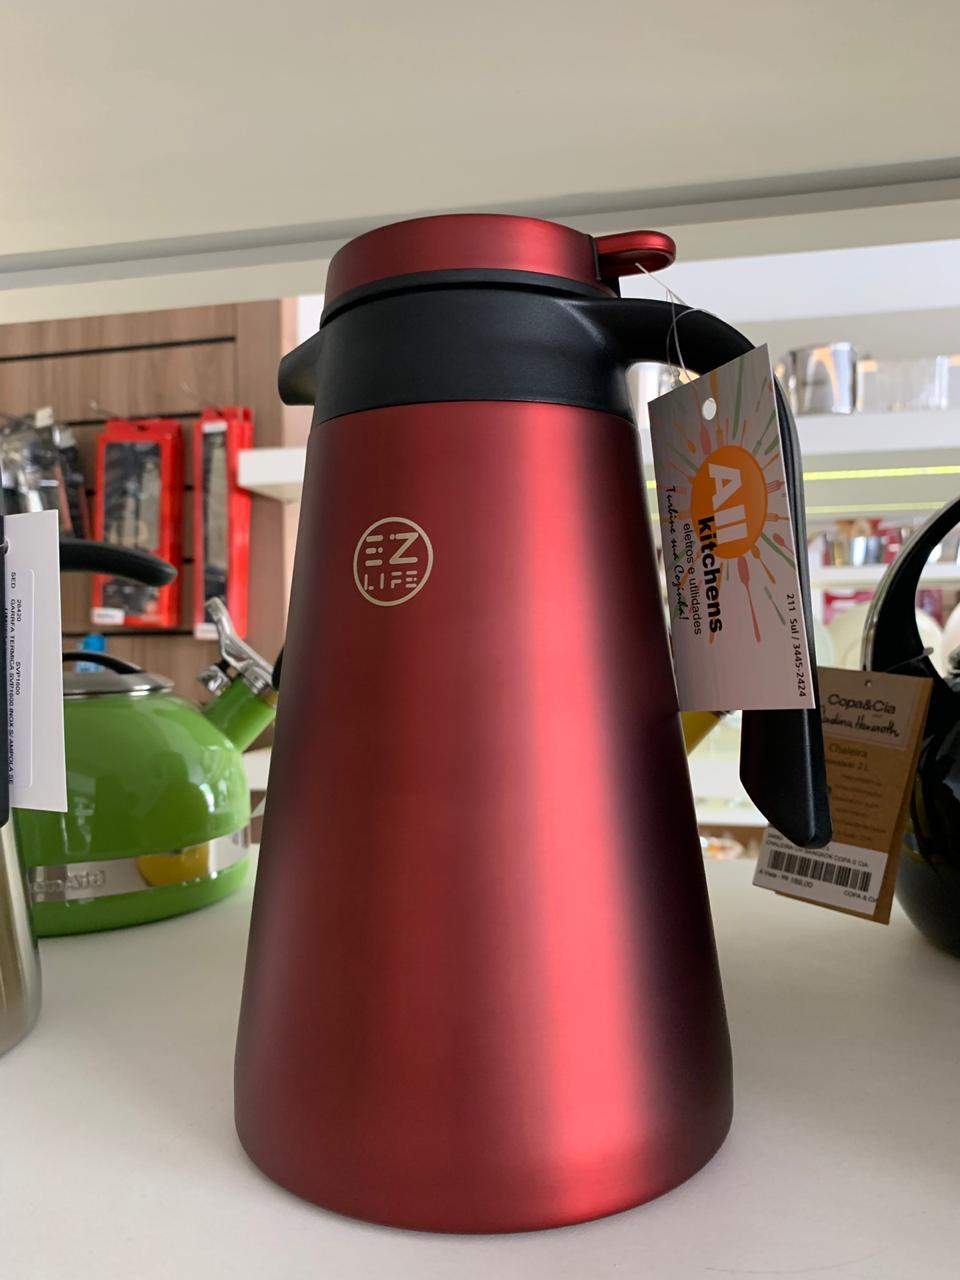 Garrafa térmica SVP1600 Vermelha EZ life